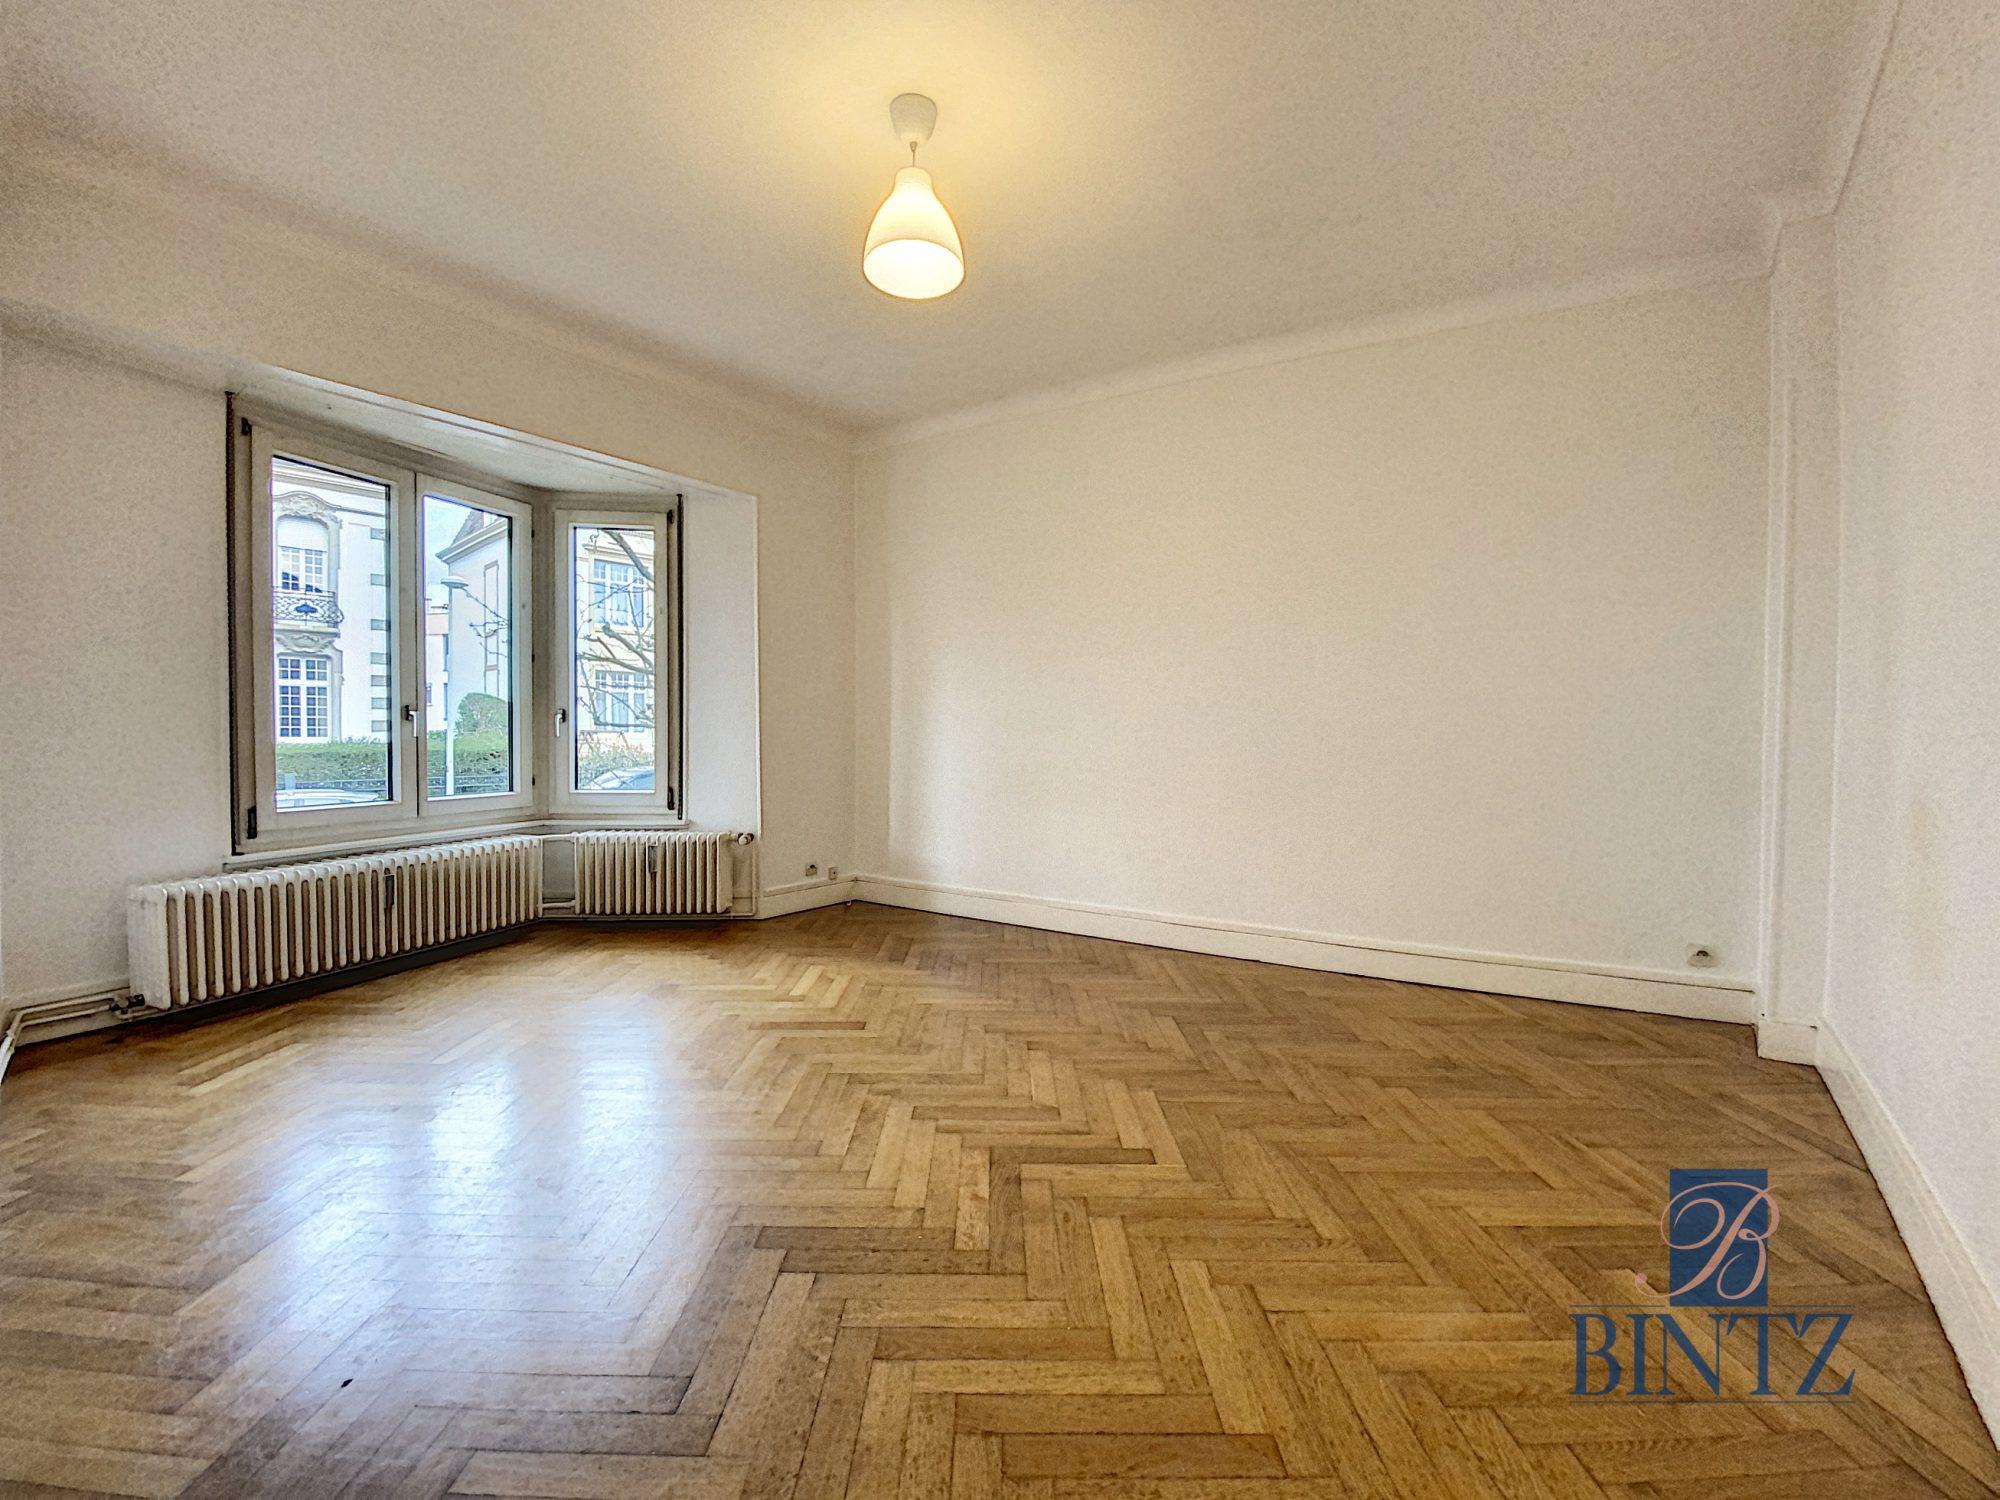 3P avec terrasse orangerie - Devenez locataire en toute sérénité - Bintz Immobilier - 3